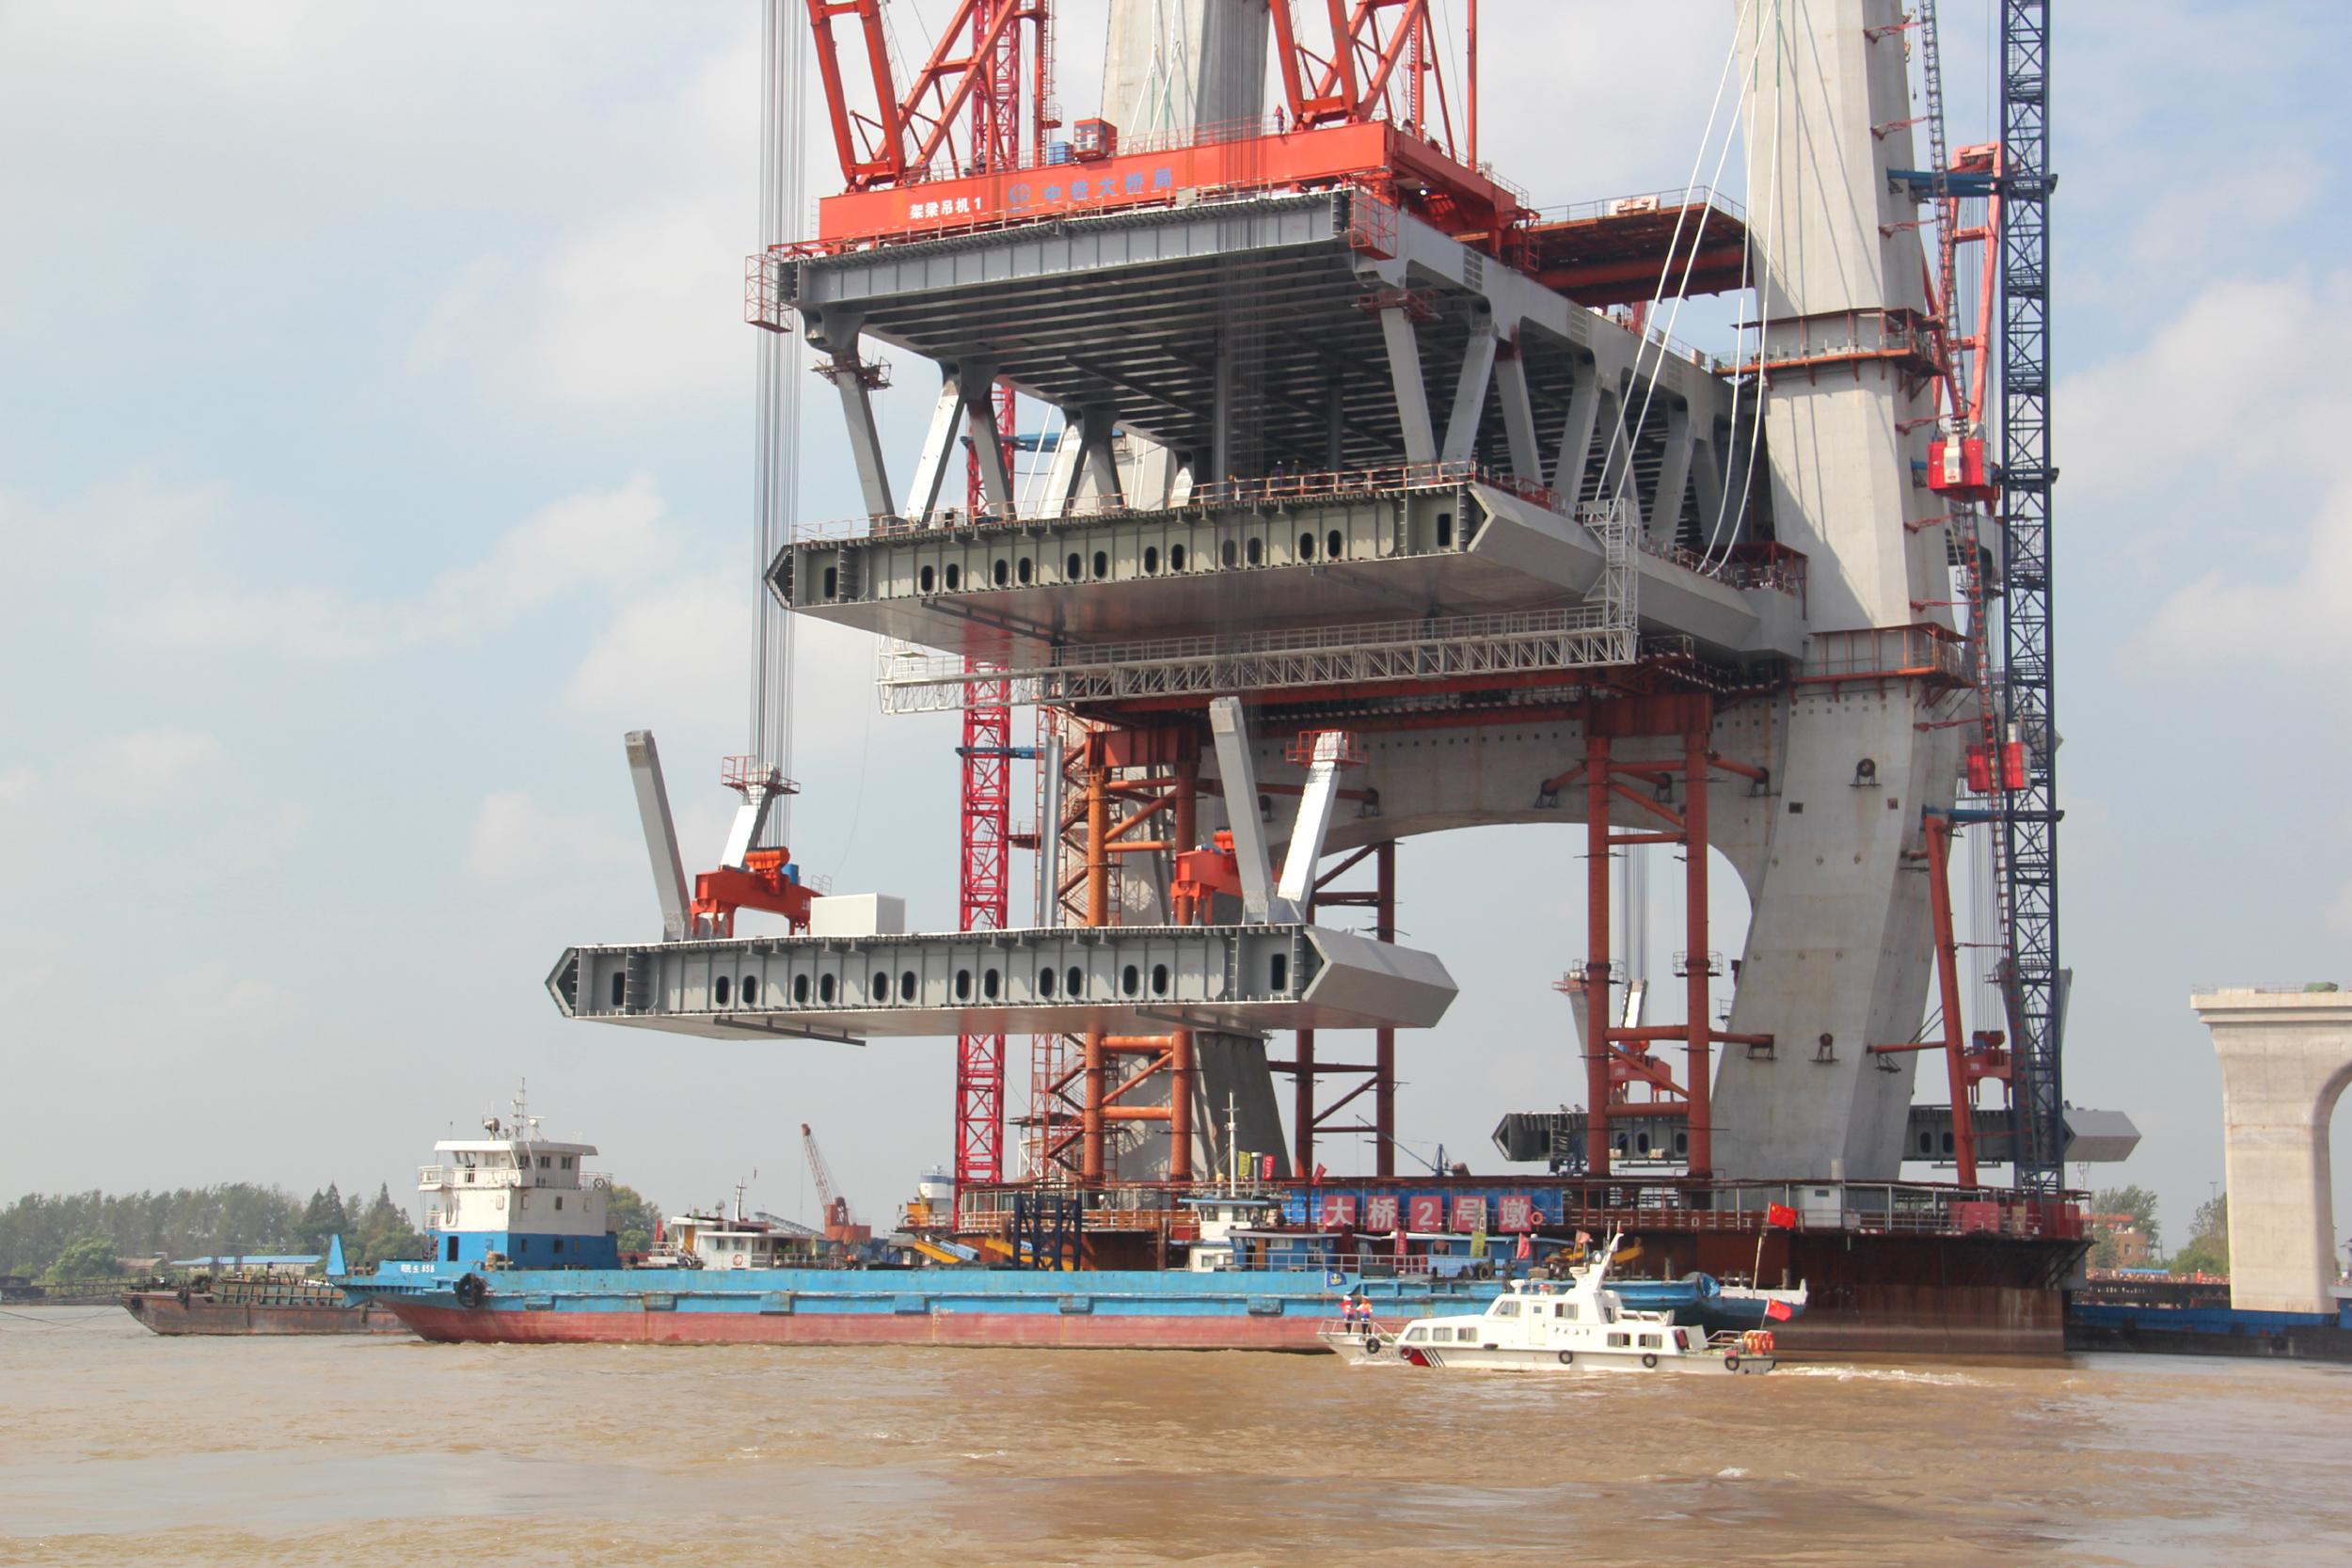 芜湖海事维护商合杭大桥桥梁吊装水上通航安全